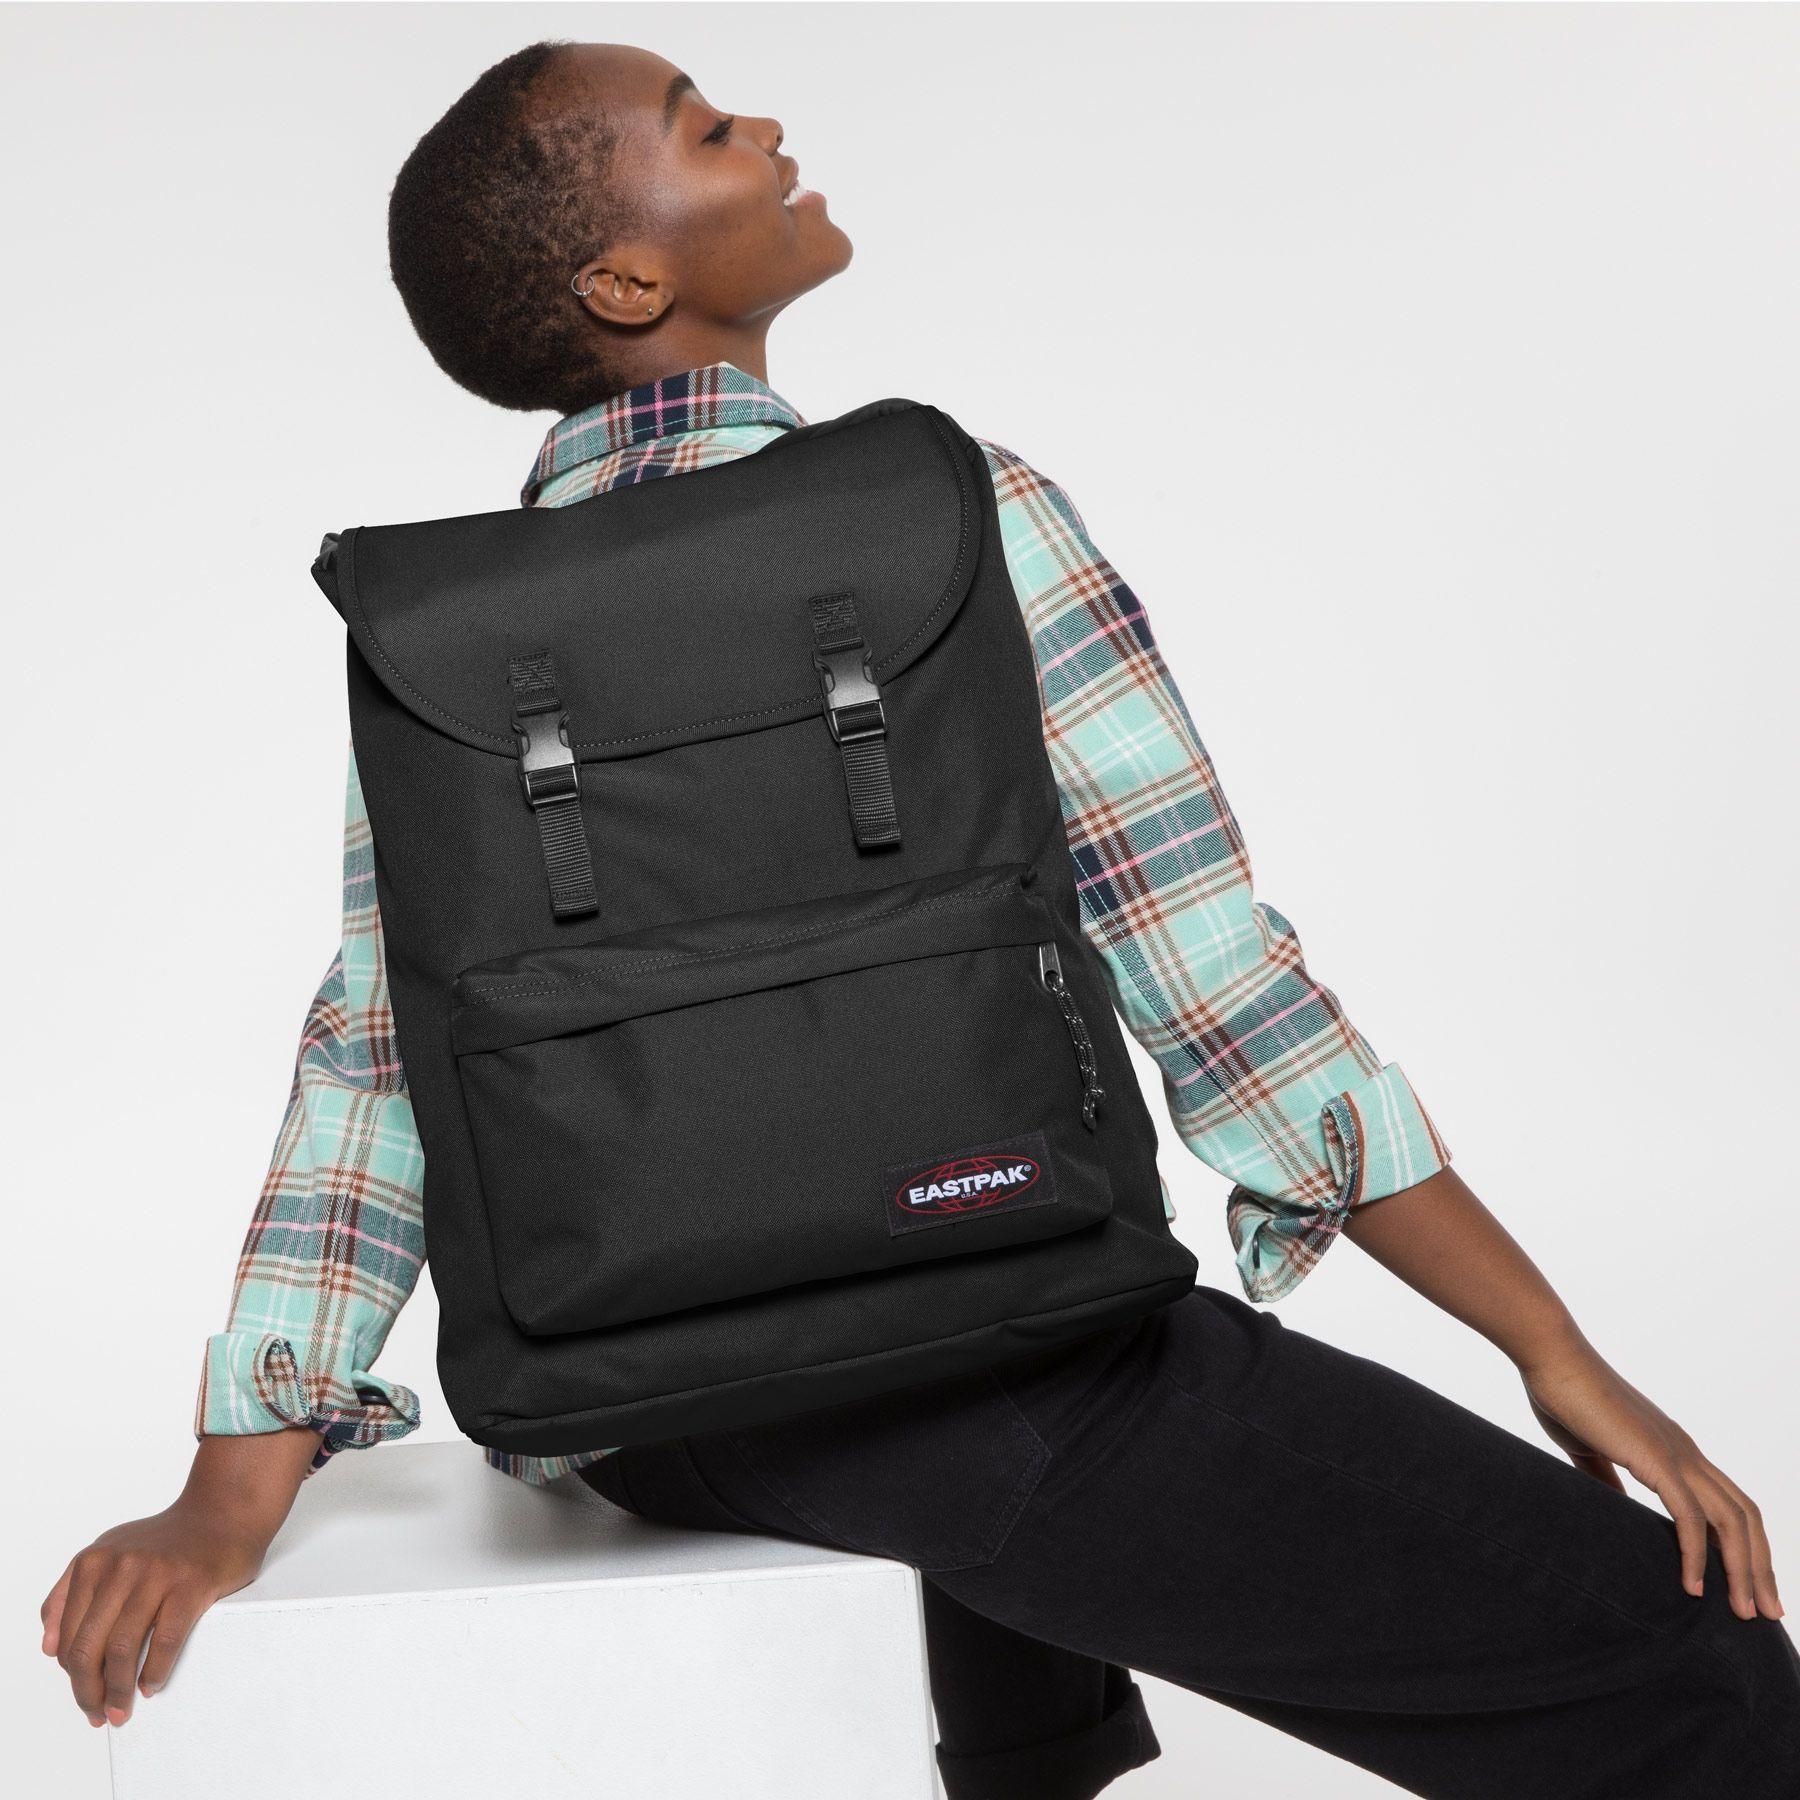 Eastpak London black/Grey/Black + Denim £27.62 delivered and signed up to emails @ Eastpak